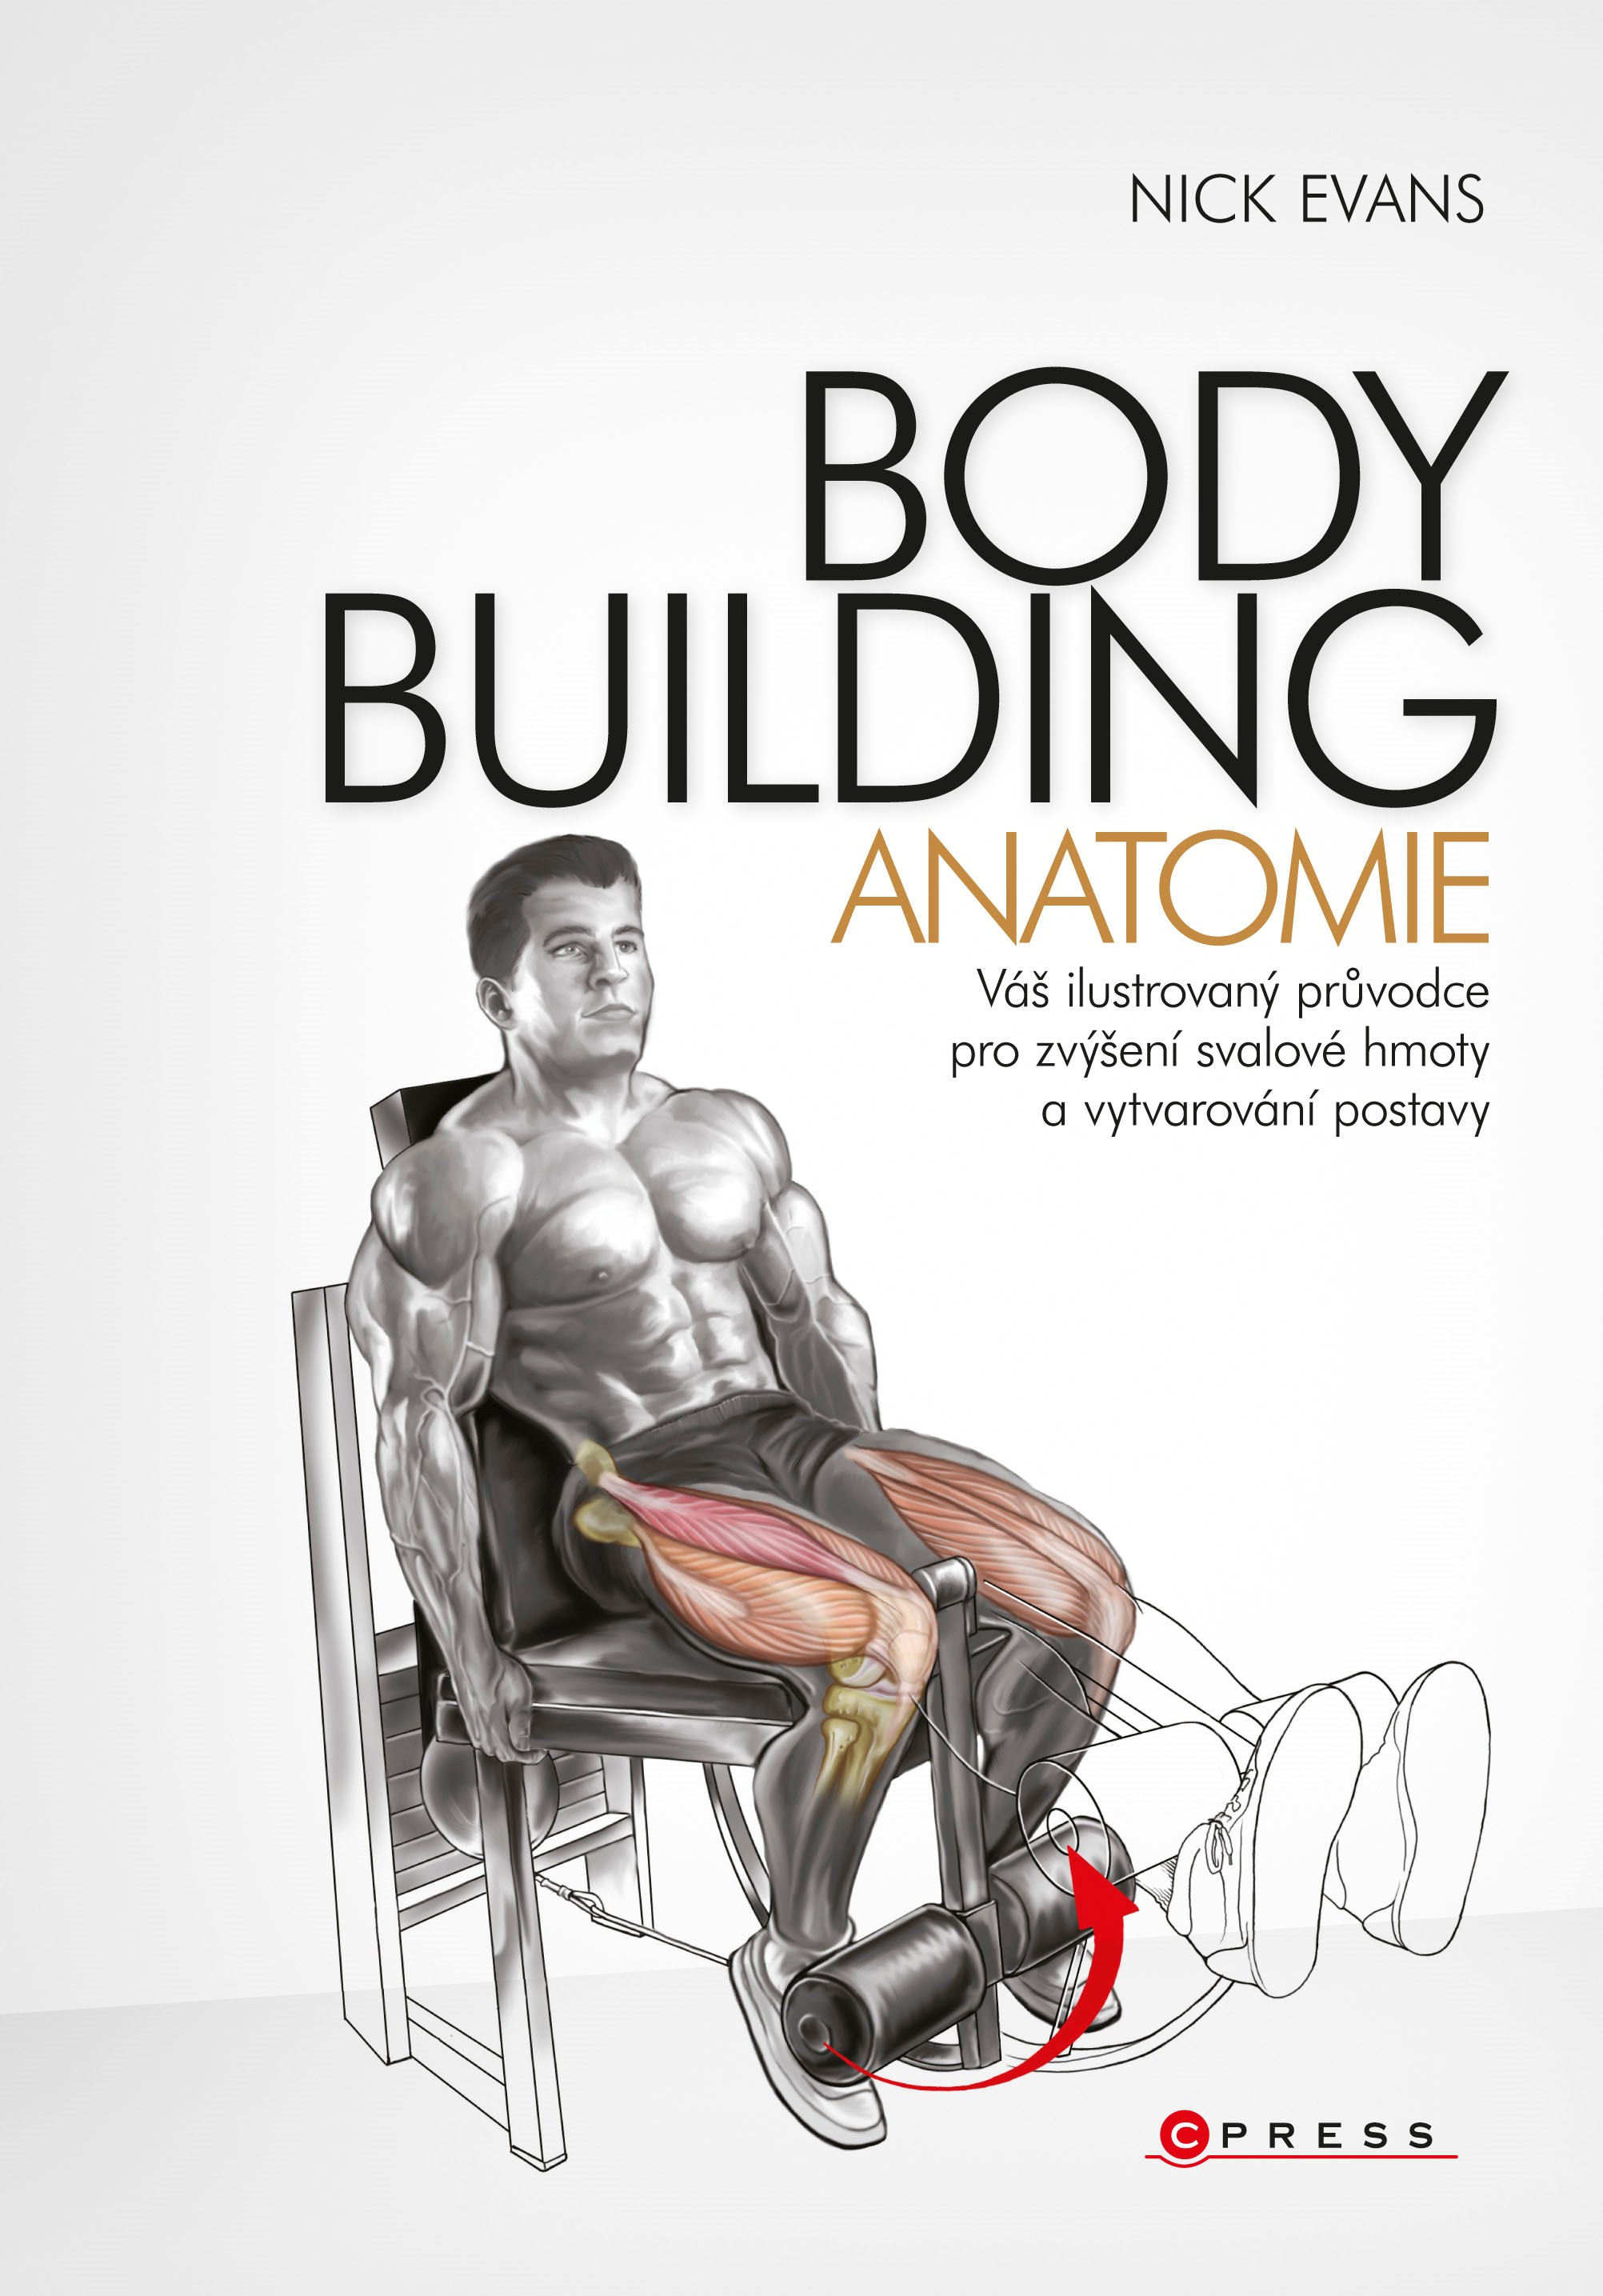 Bodybuilding Anatomie Albatrosmedia